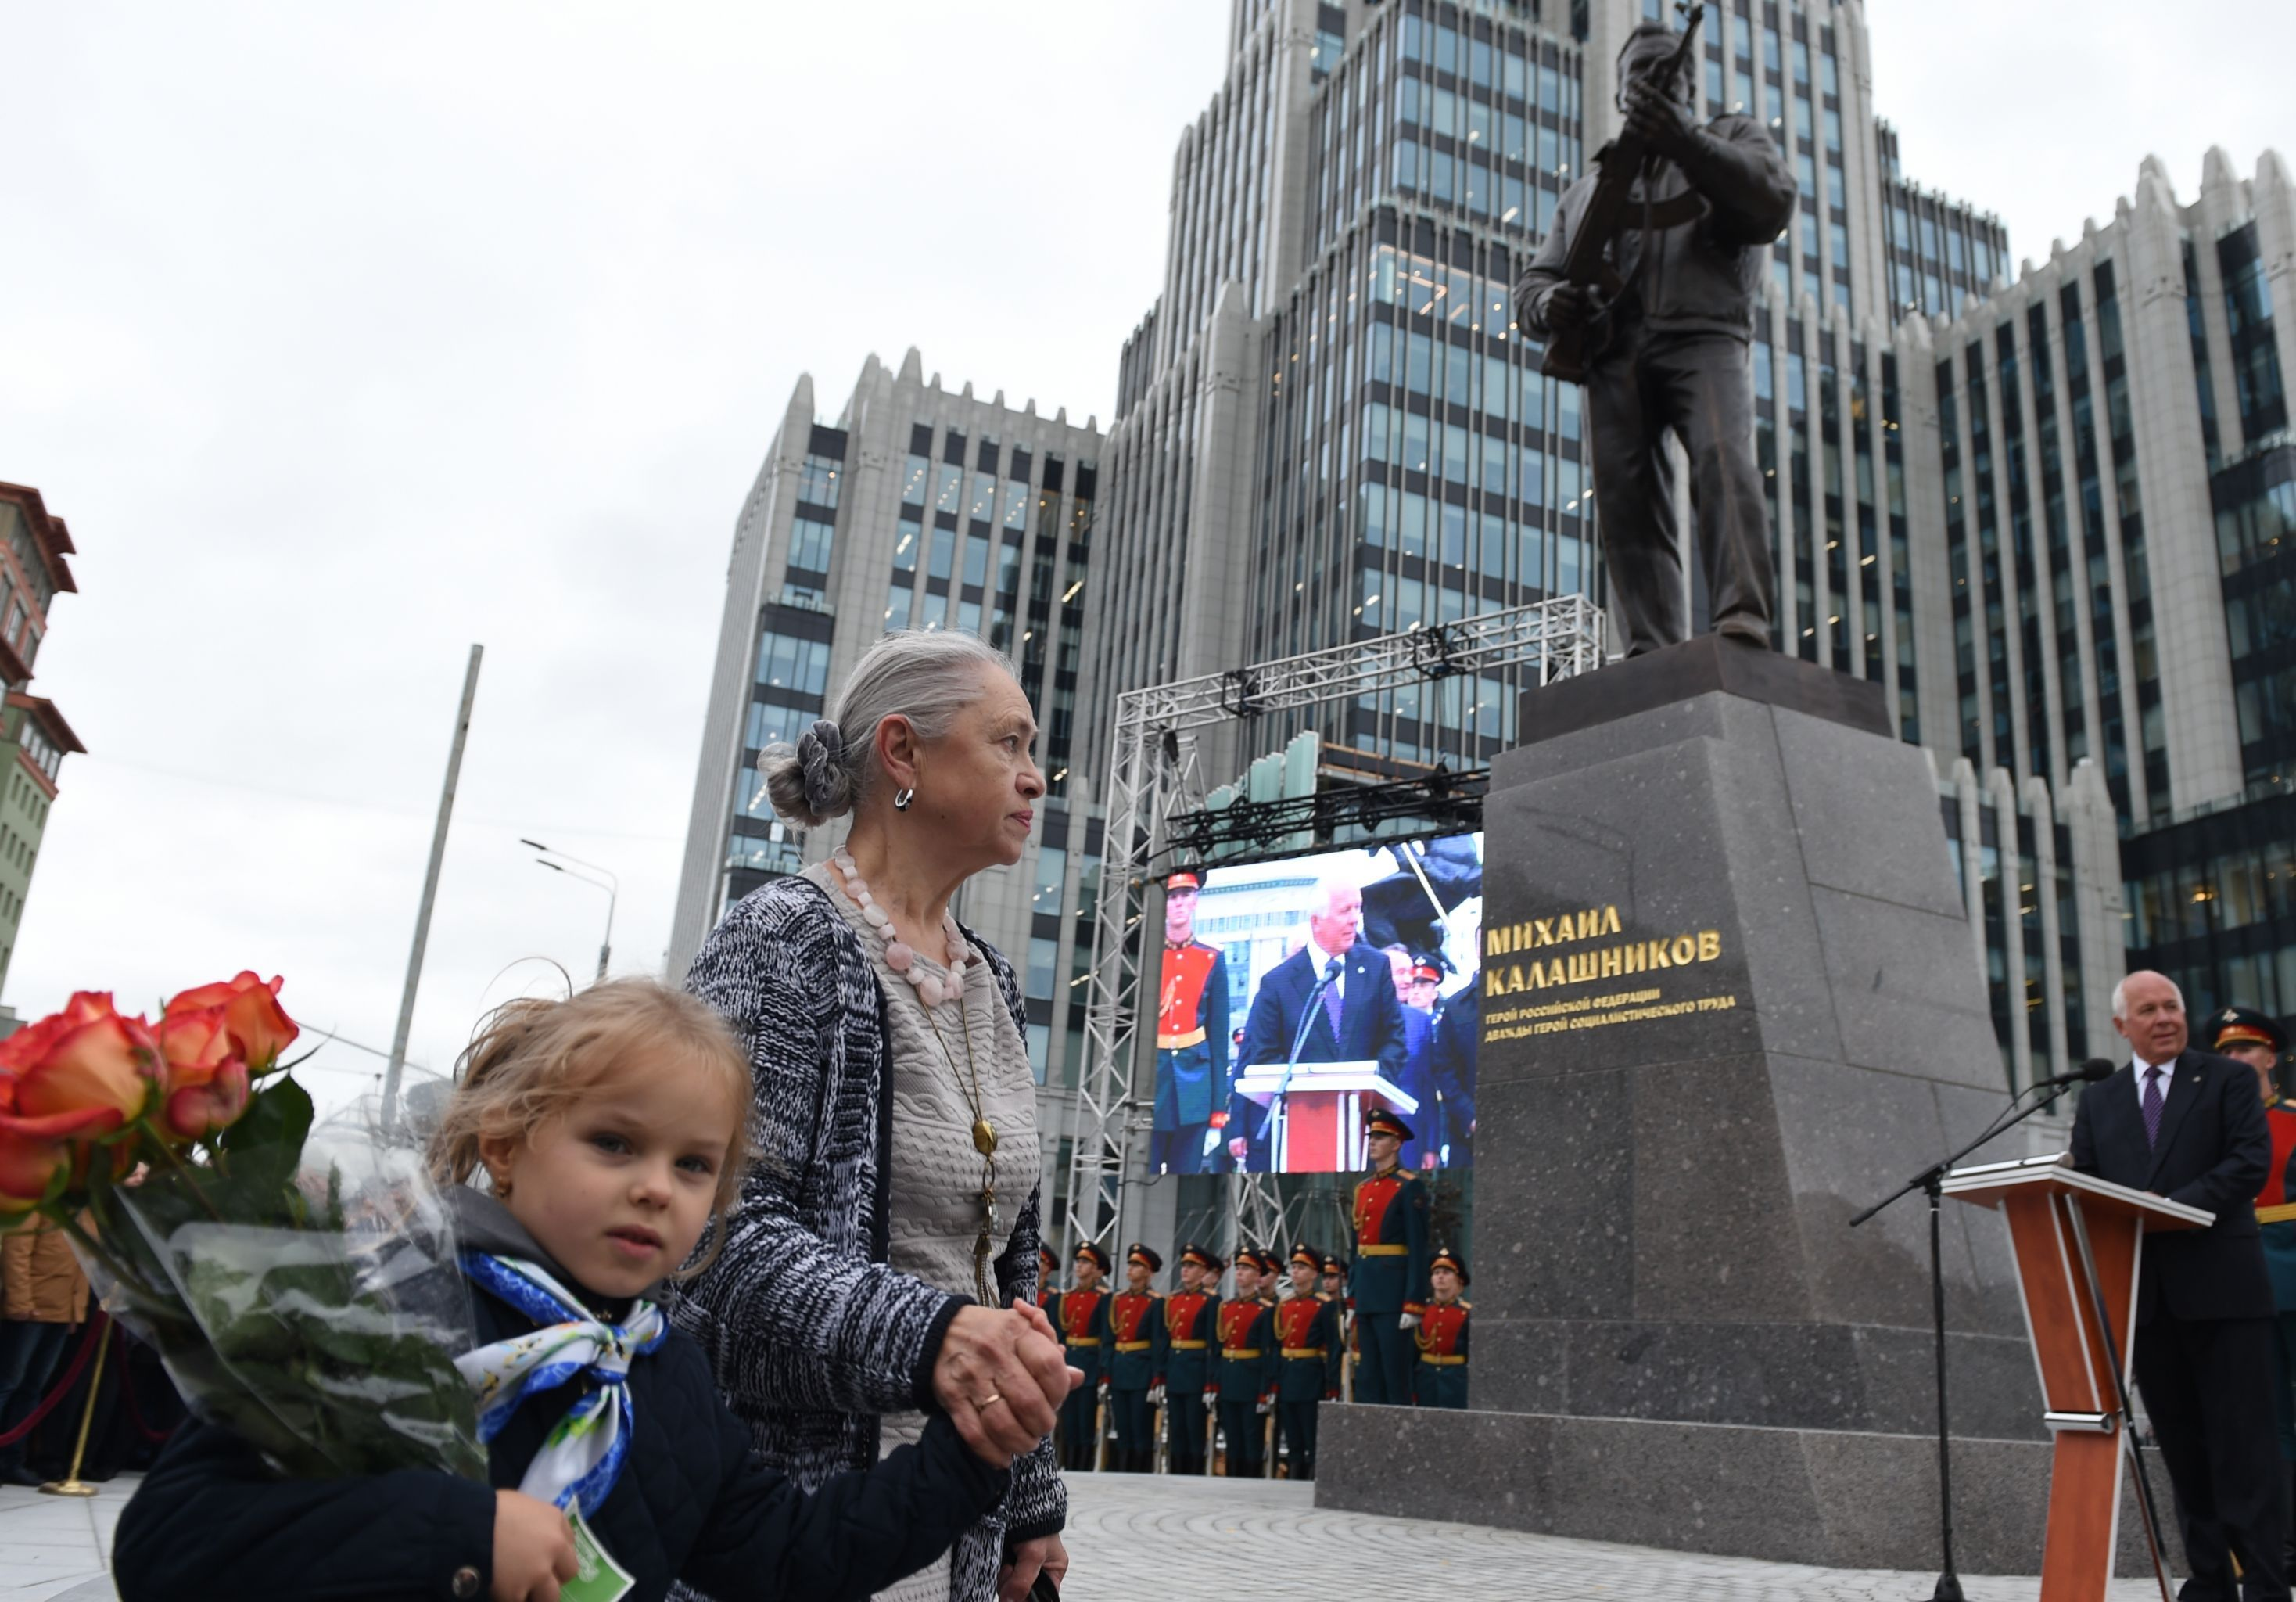 涅麗·卡拉什尼科娃和孫女在莫斯科市參加父親雕像開幕式